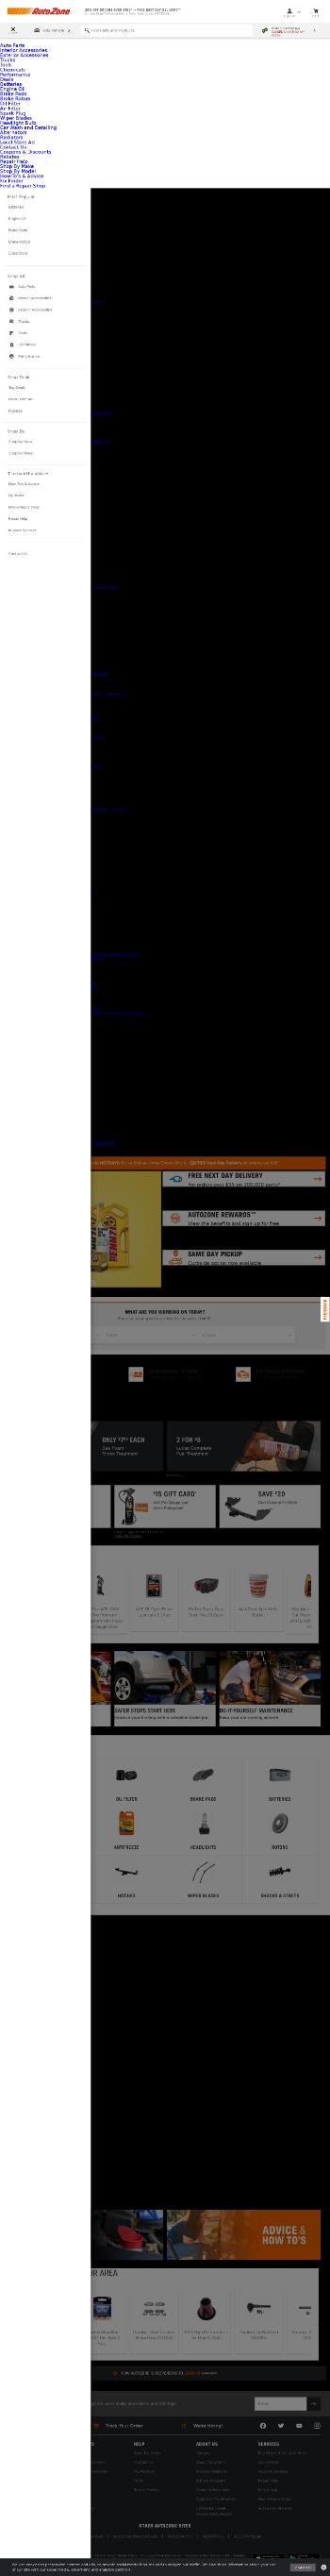 AutoZone, Inc. Website Screenshot